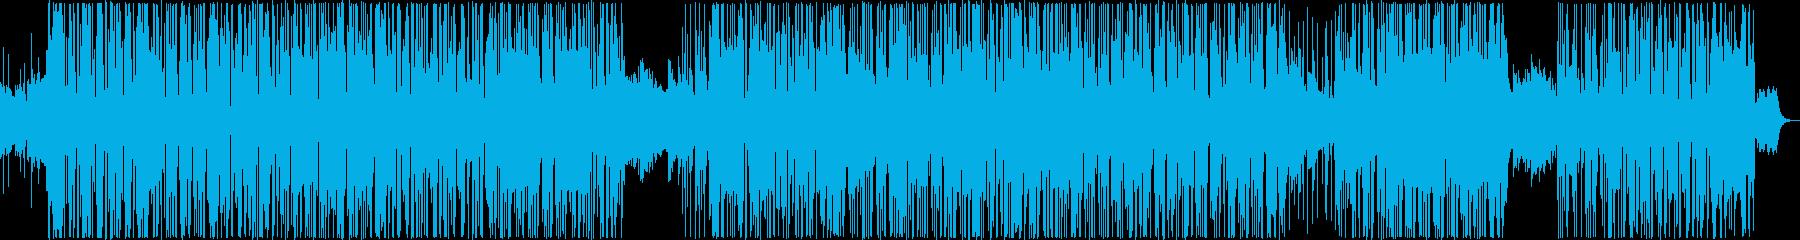 幻想的なBGMですの再生済みの波形